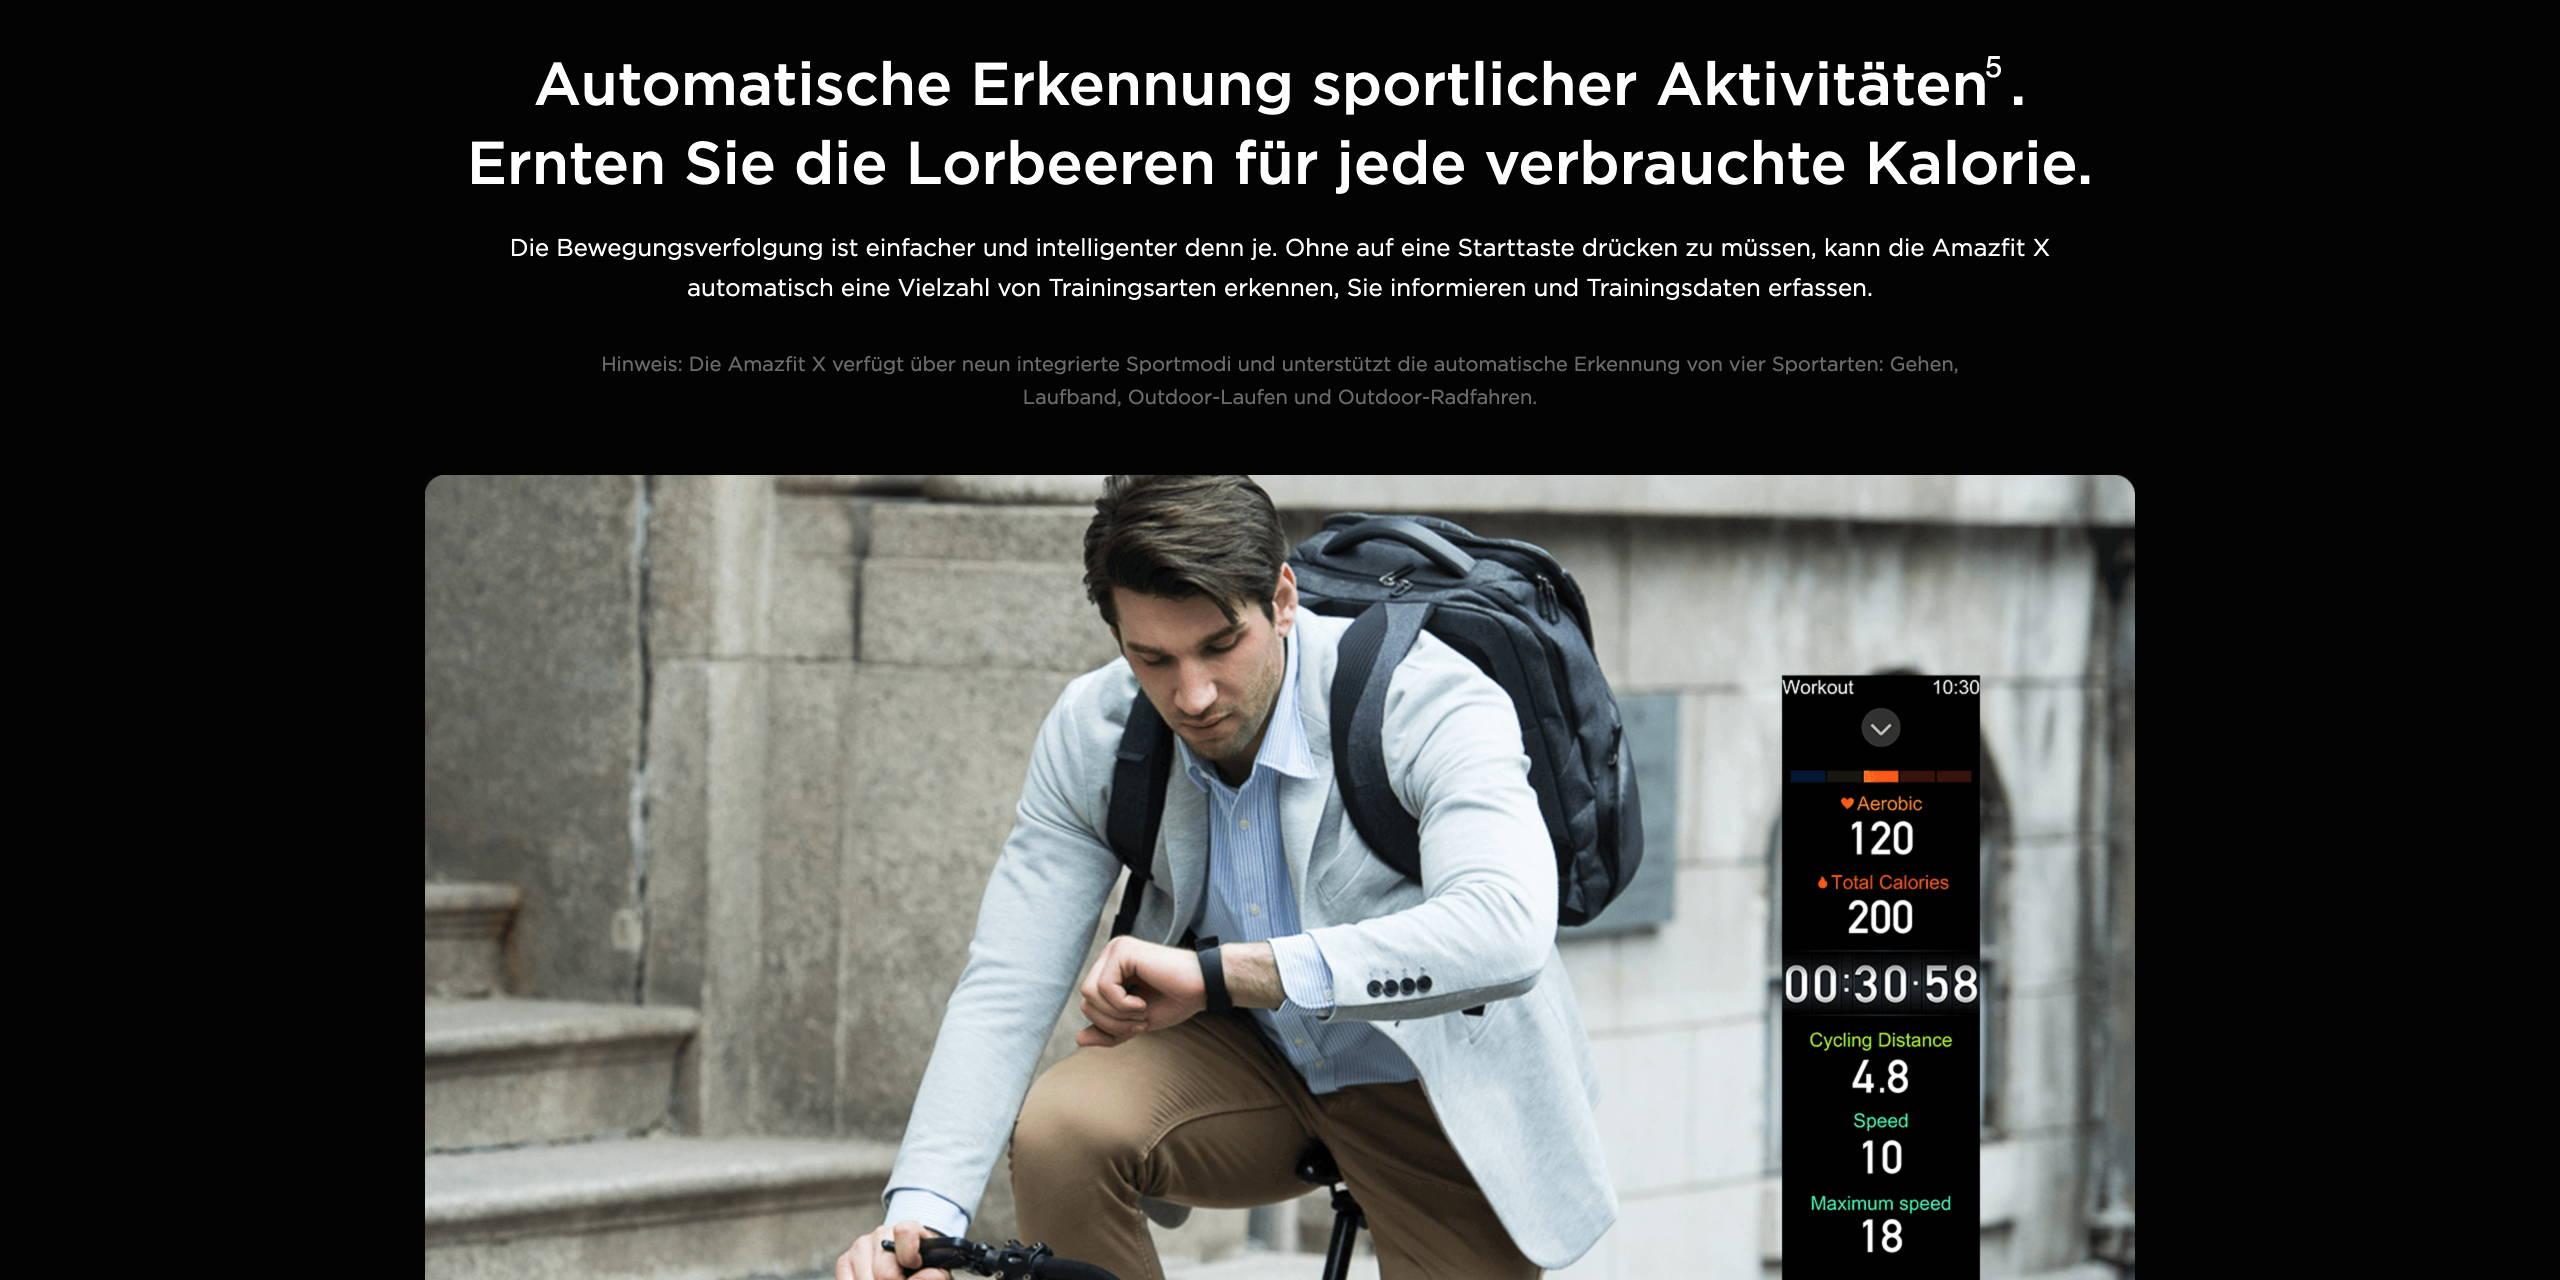 Amazfit X - Automatische Erkennung sportlicher Aktivitäten. Ernten Sie die Lorbeeren für jede verbrauchte Kalorie.